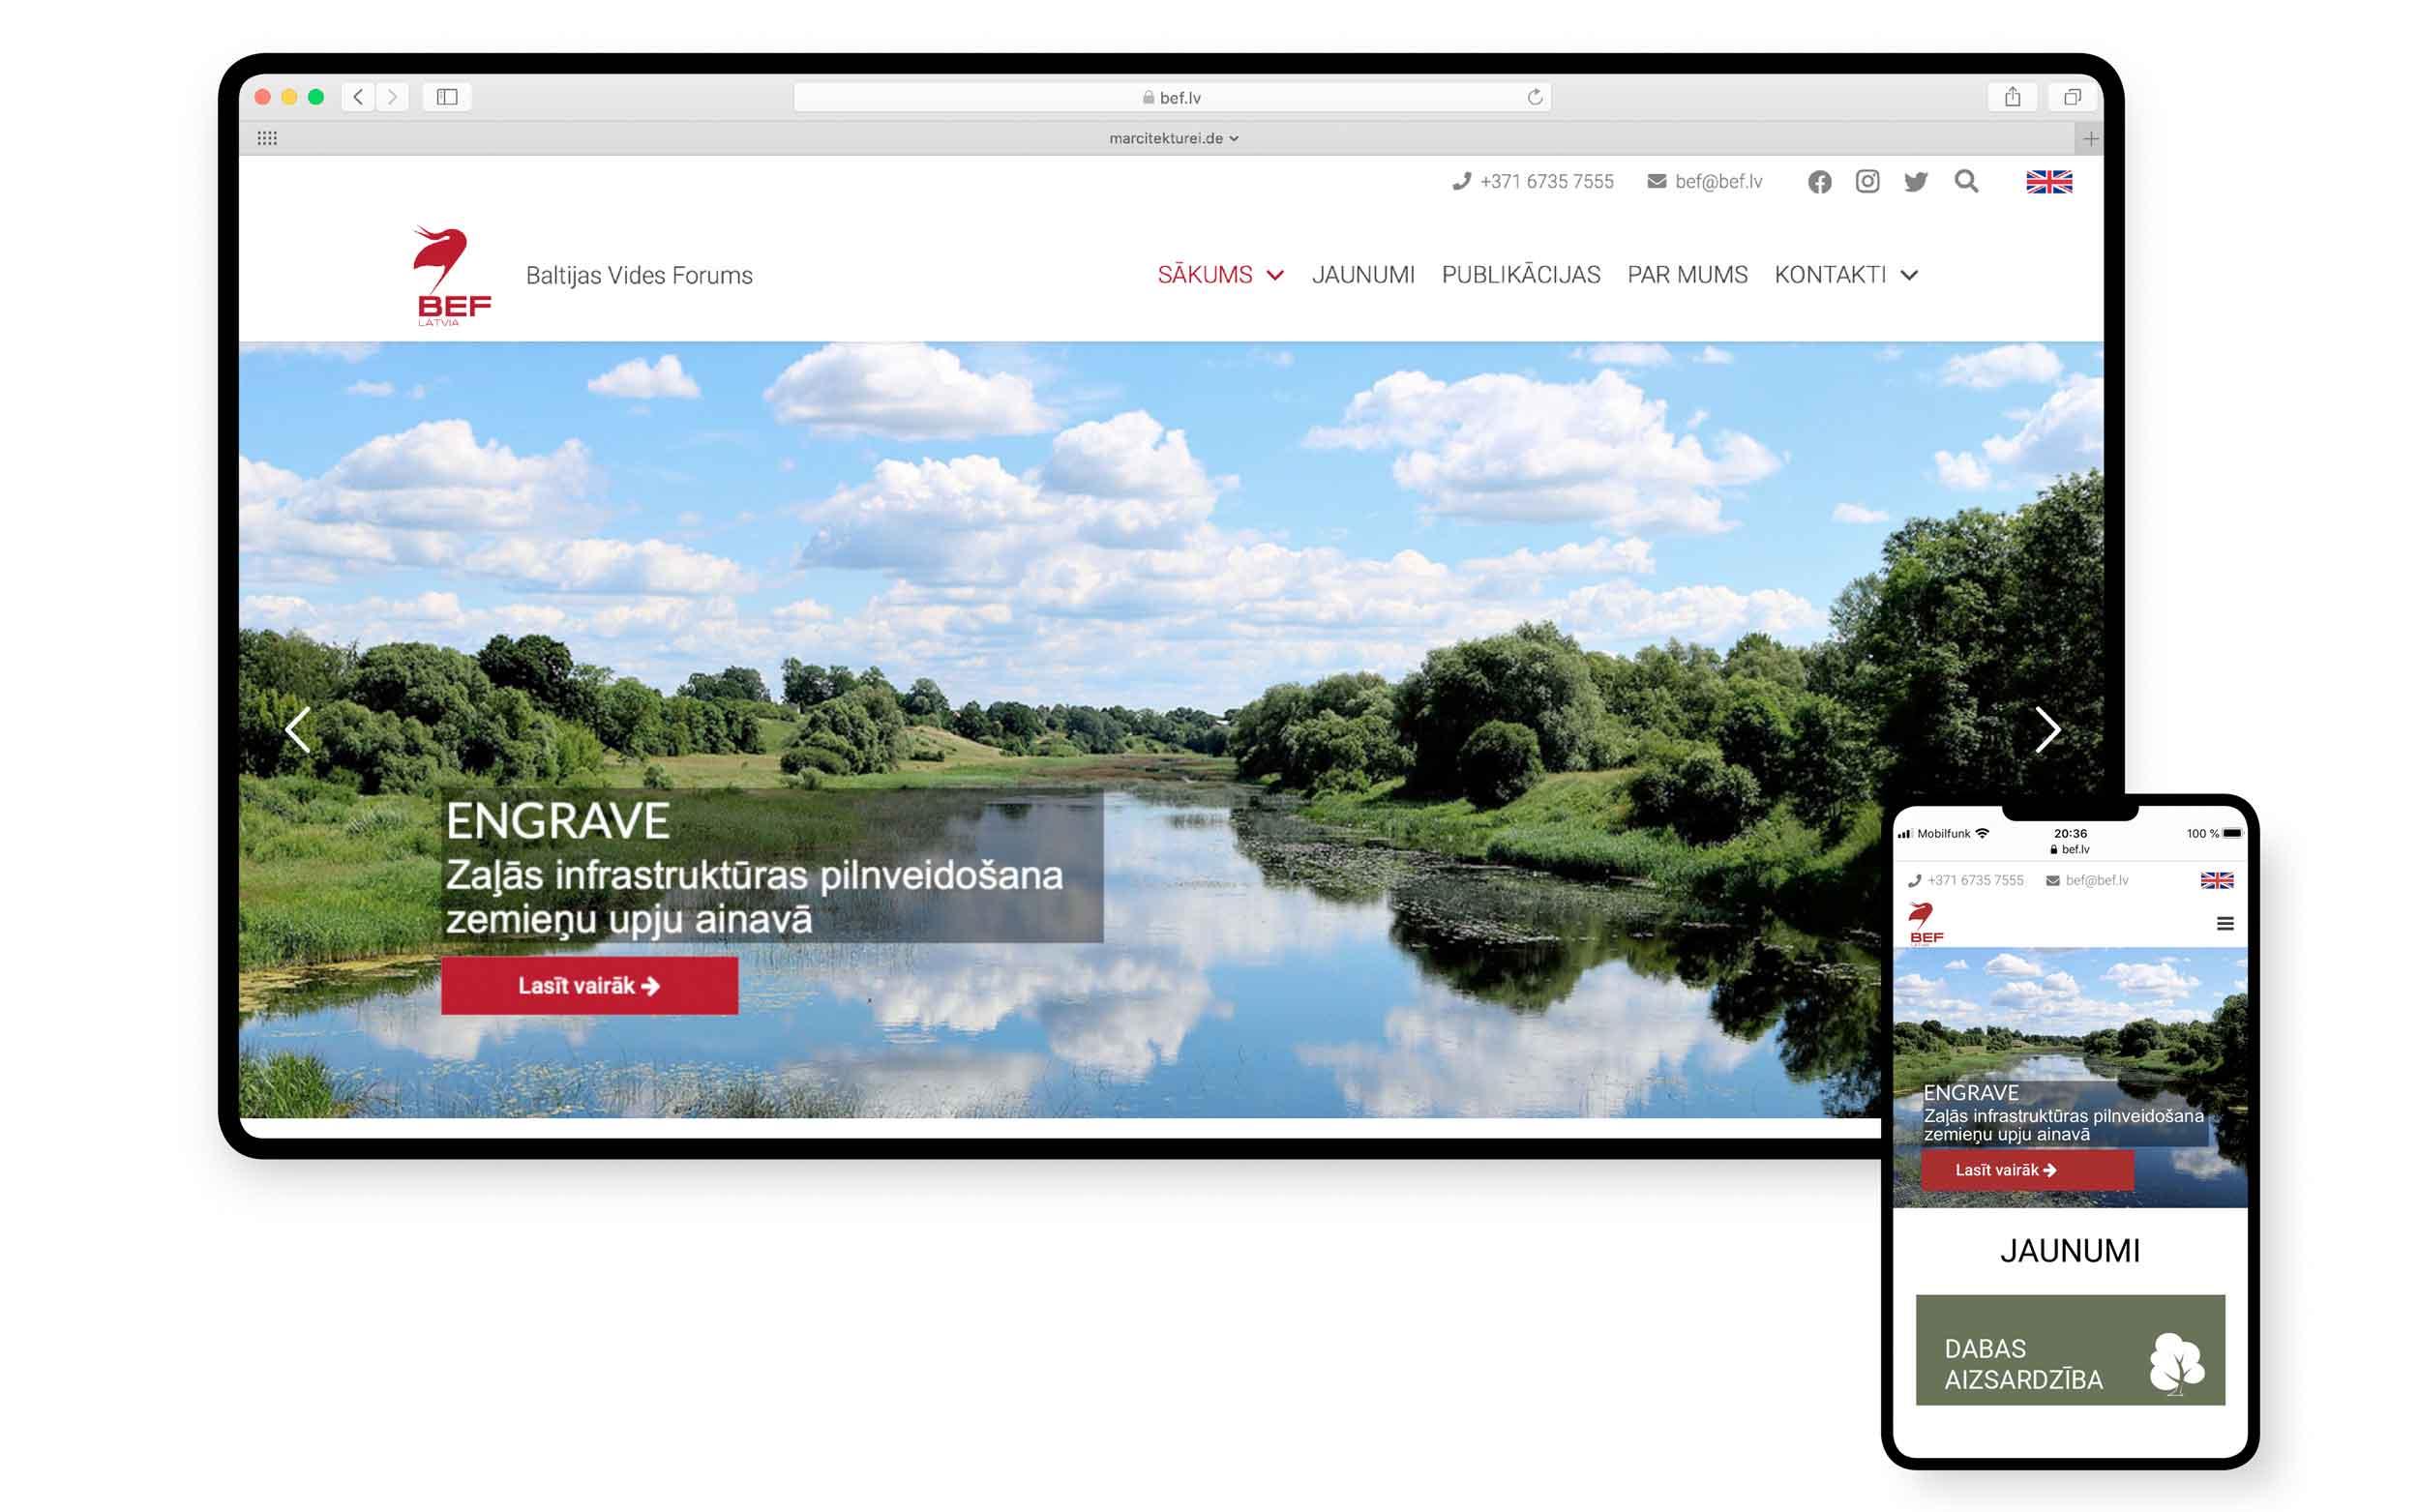 MARCITEKTUREI webdesign - Hamburg